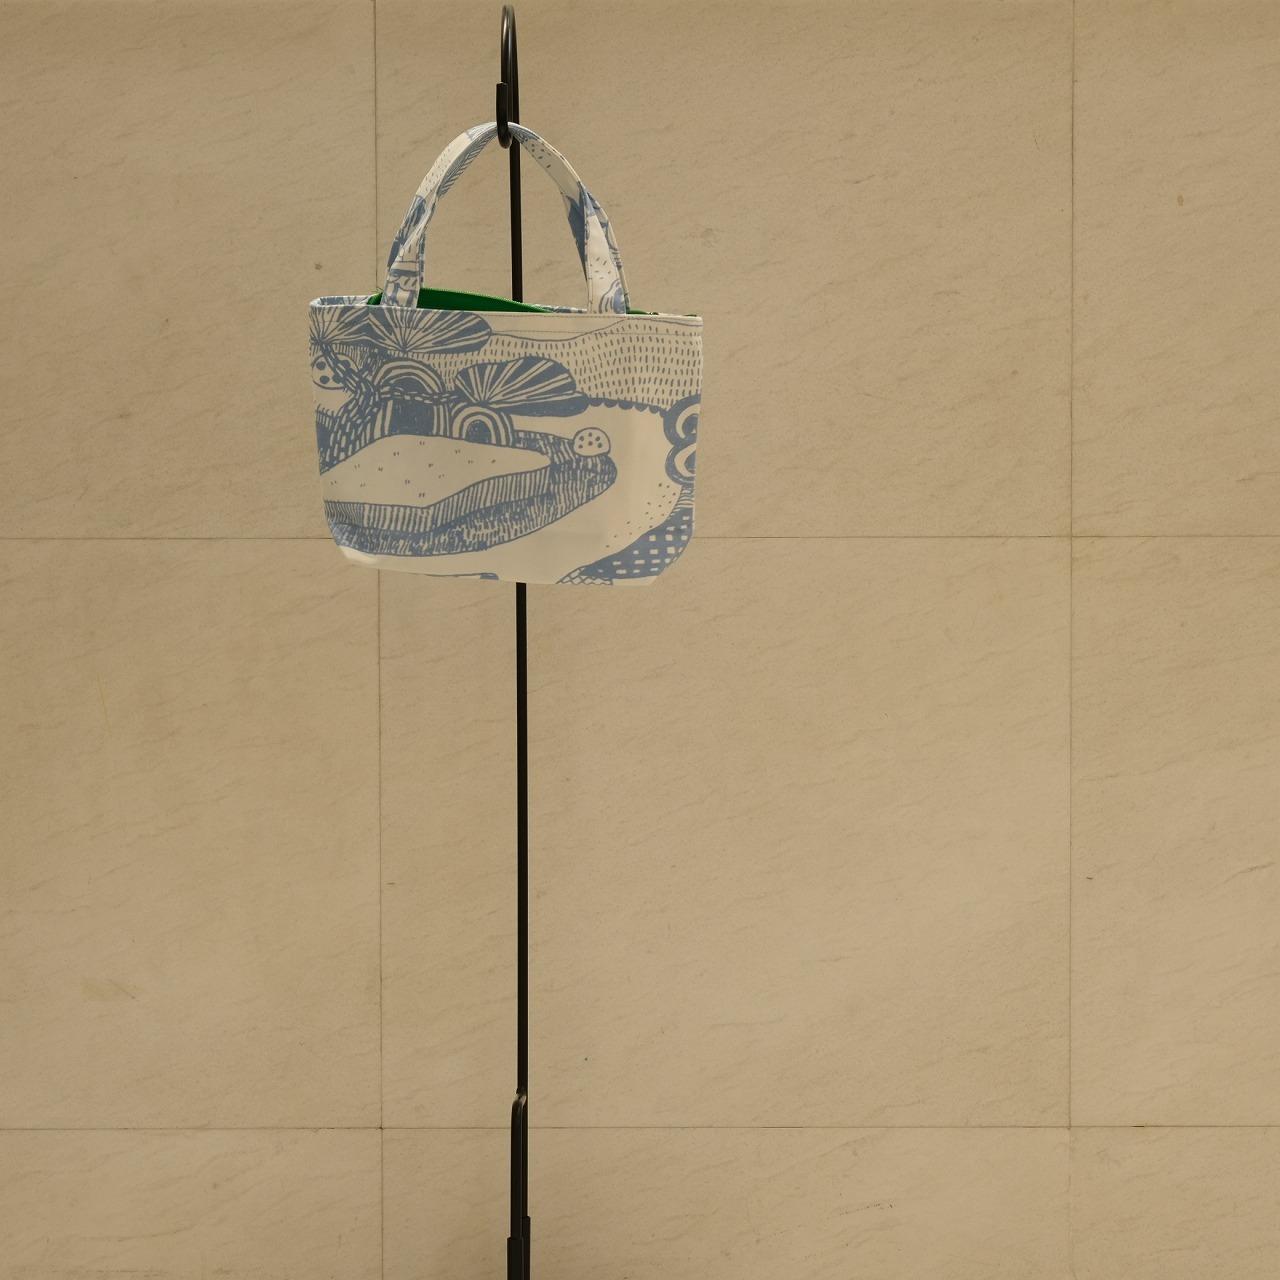 炭酸デザイン室 オンライン展示会 ランチトートバッグ_d0182409_17433519.jpg